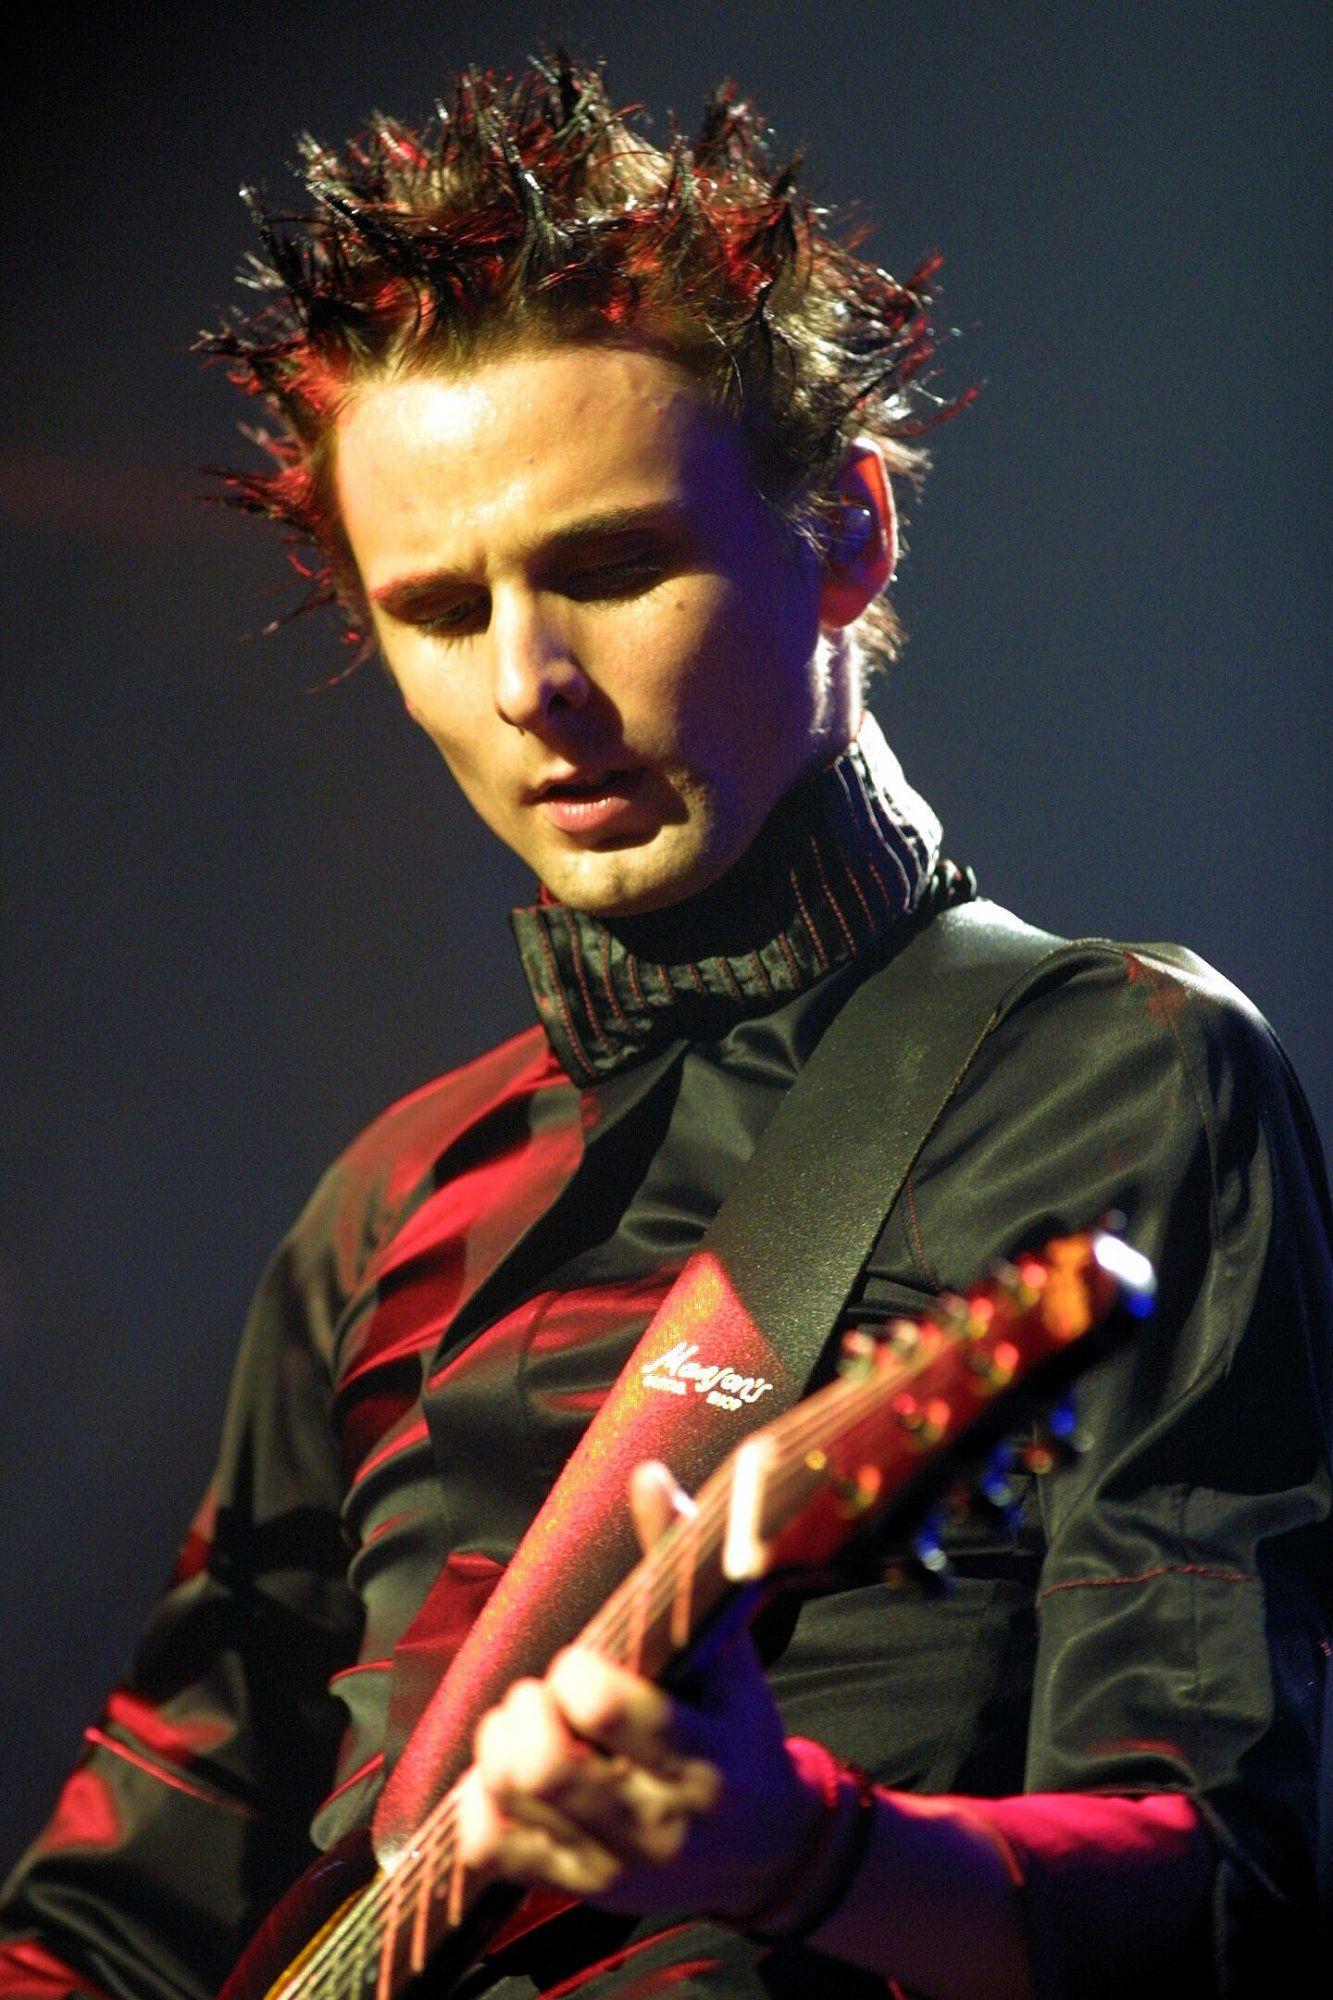 matthew bellamy guitar